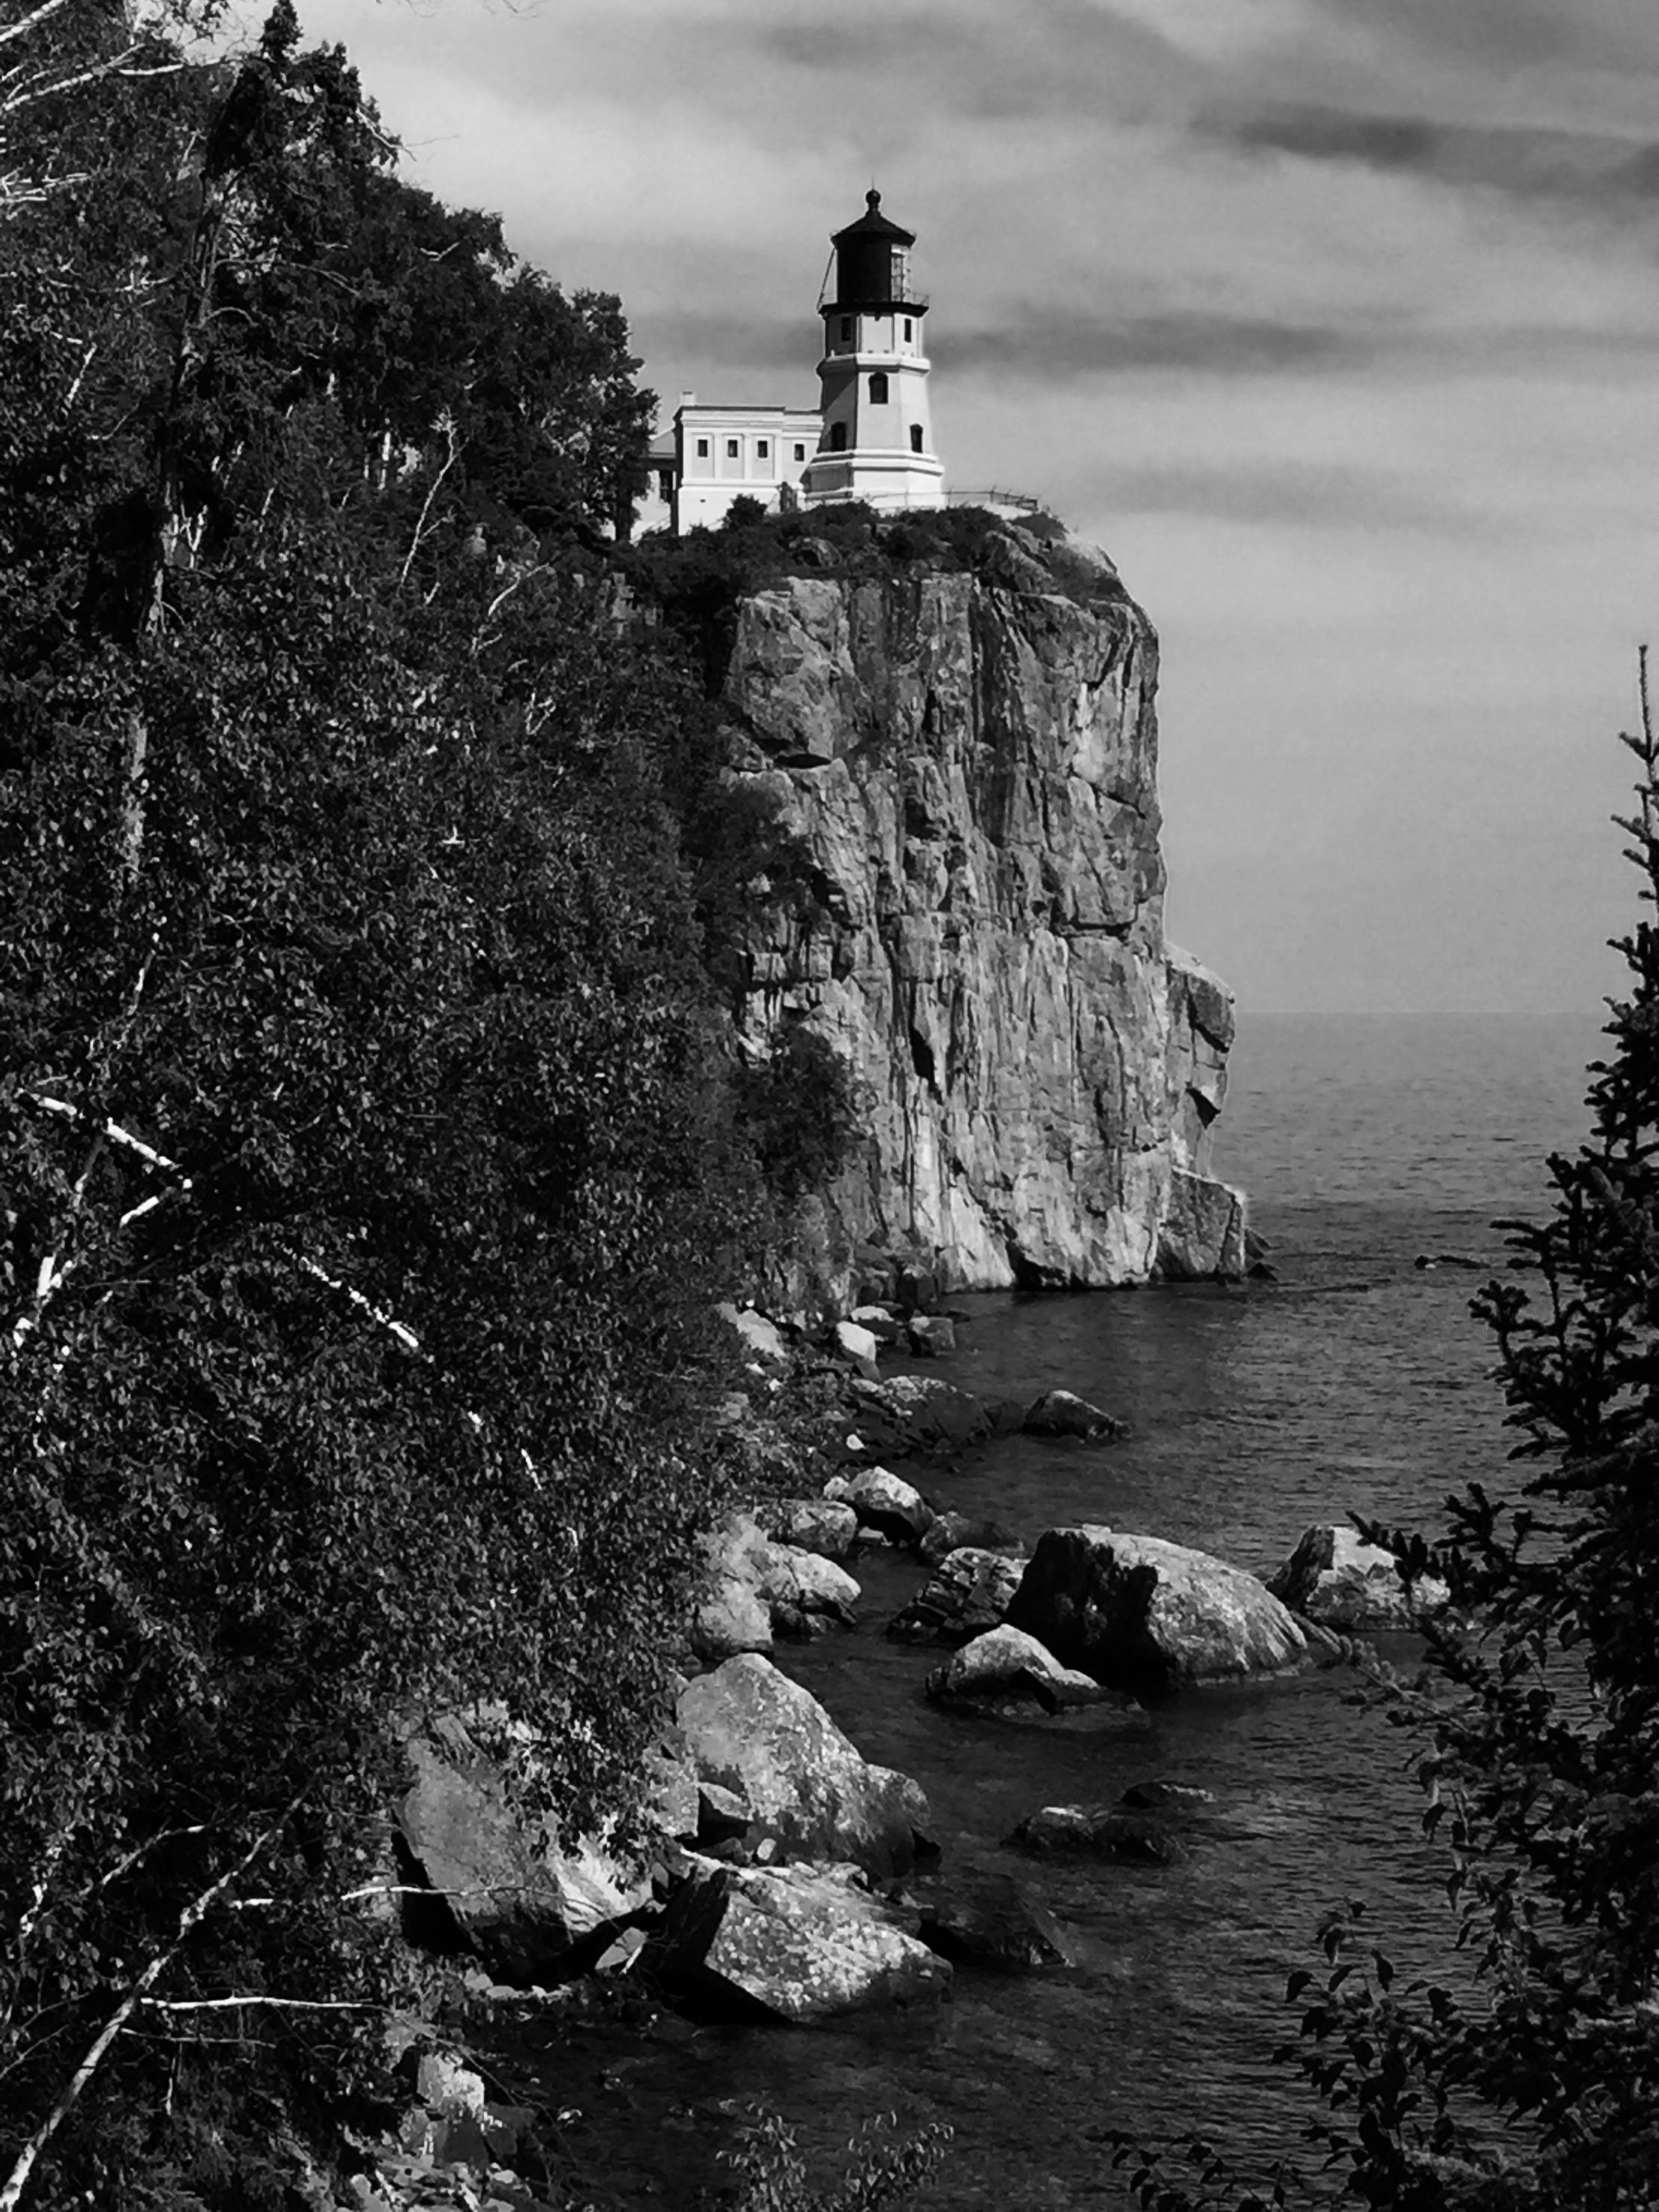 Split Rock Lighthouse National Park, Two Harbors, Minnesota